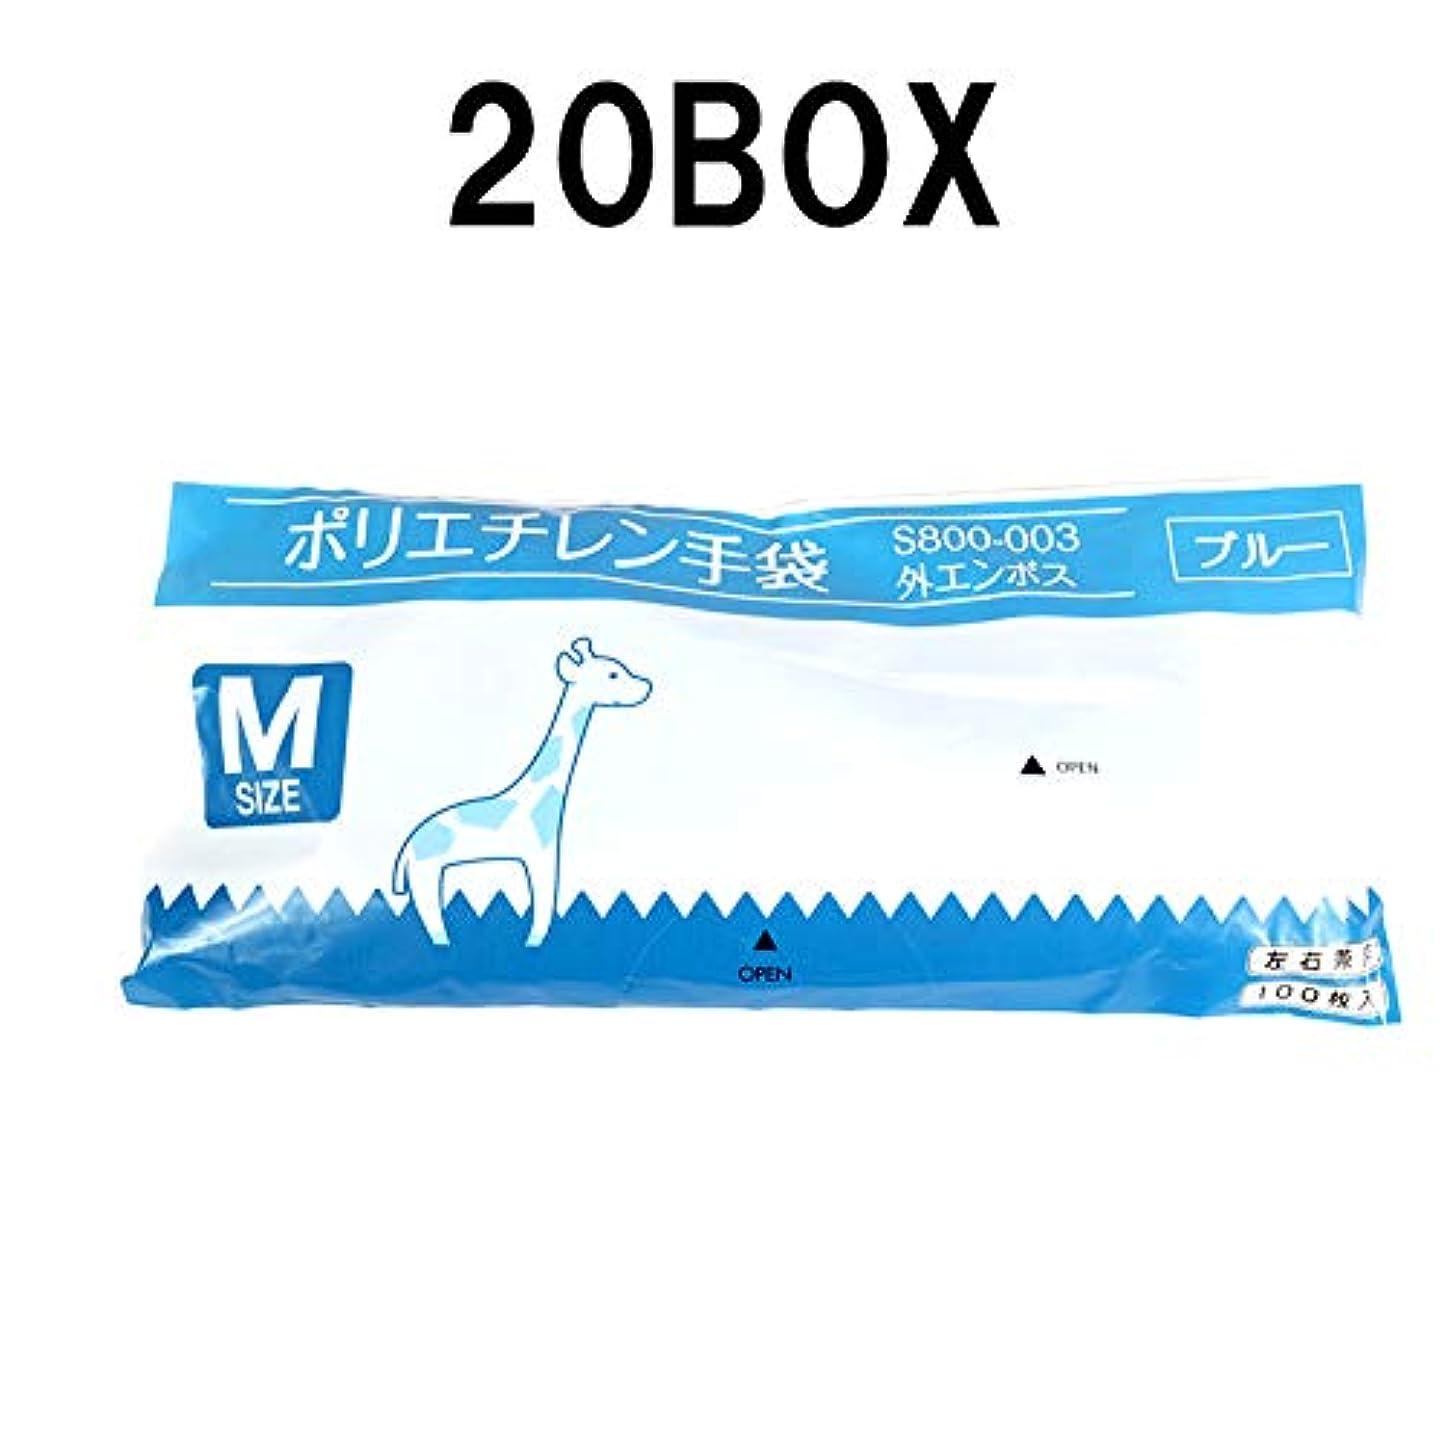 ジェムオート大聖堂(2000枚) 使い捨て ポリエチレン手袋 Lサイズ 100枚入り×20BOX ブルー色 左右兼用 外エンボス 食品衛生法適合品